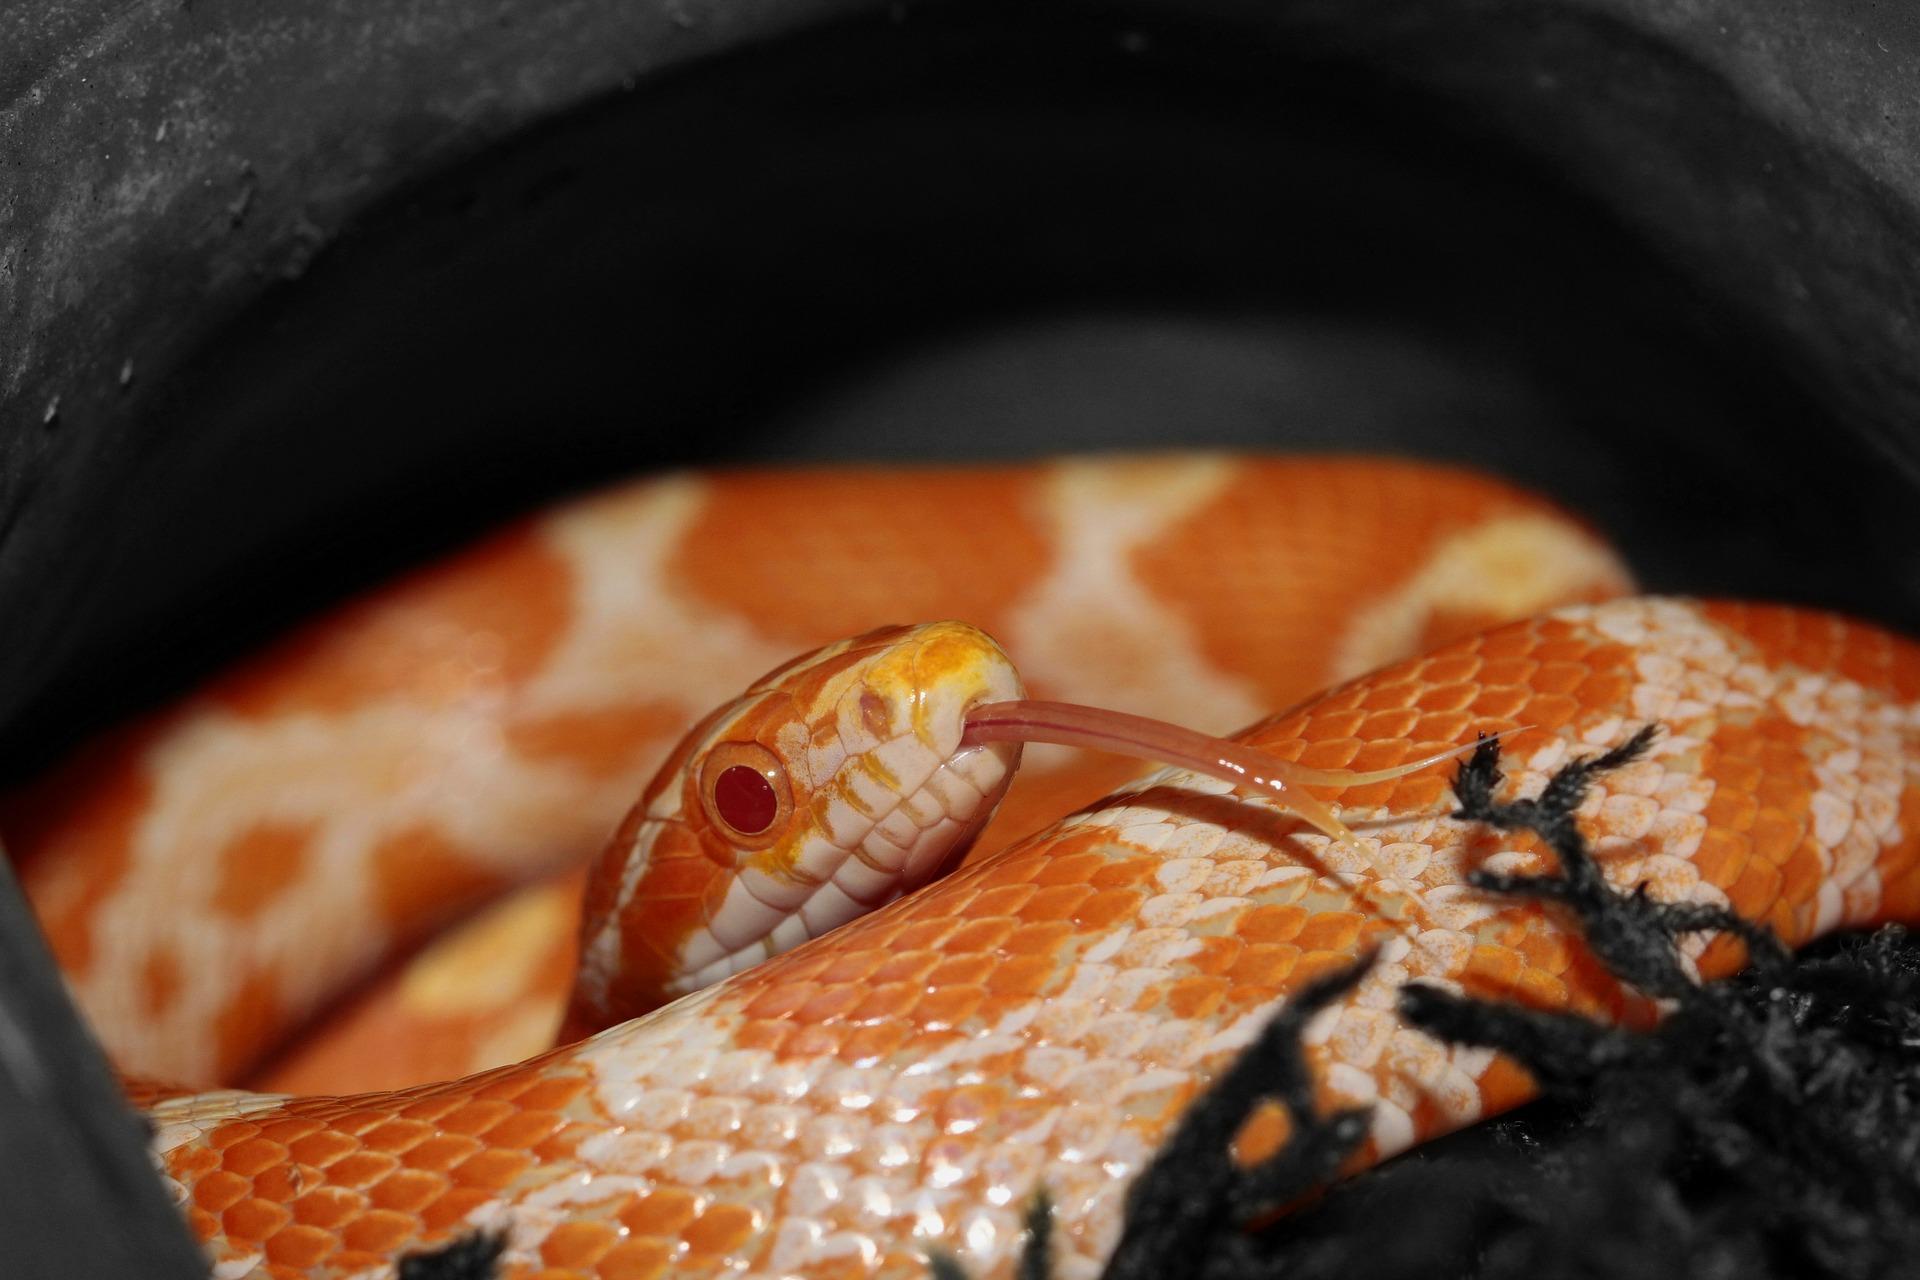 corn-snake-414802_1920